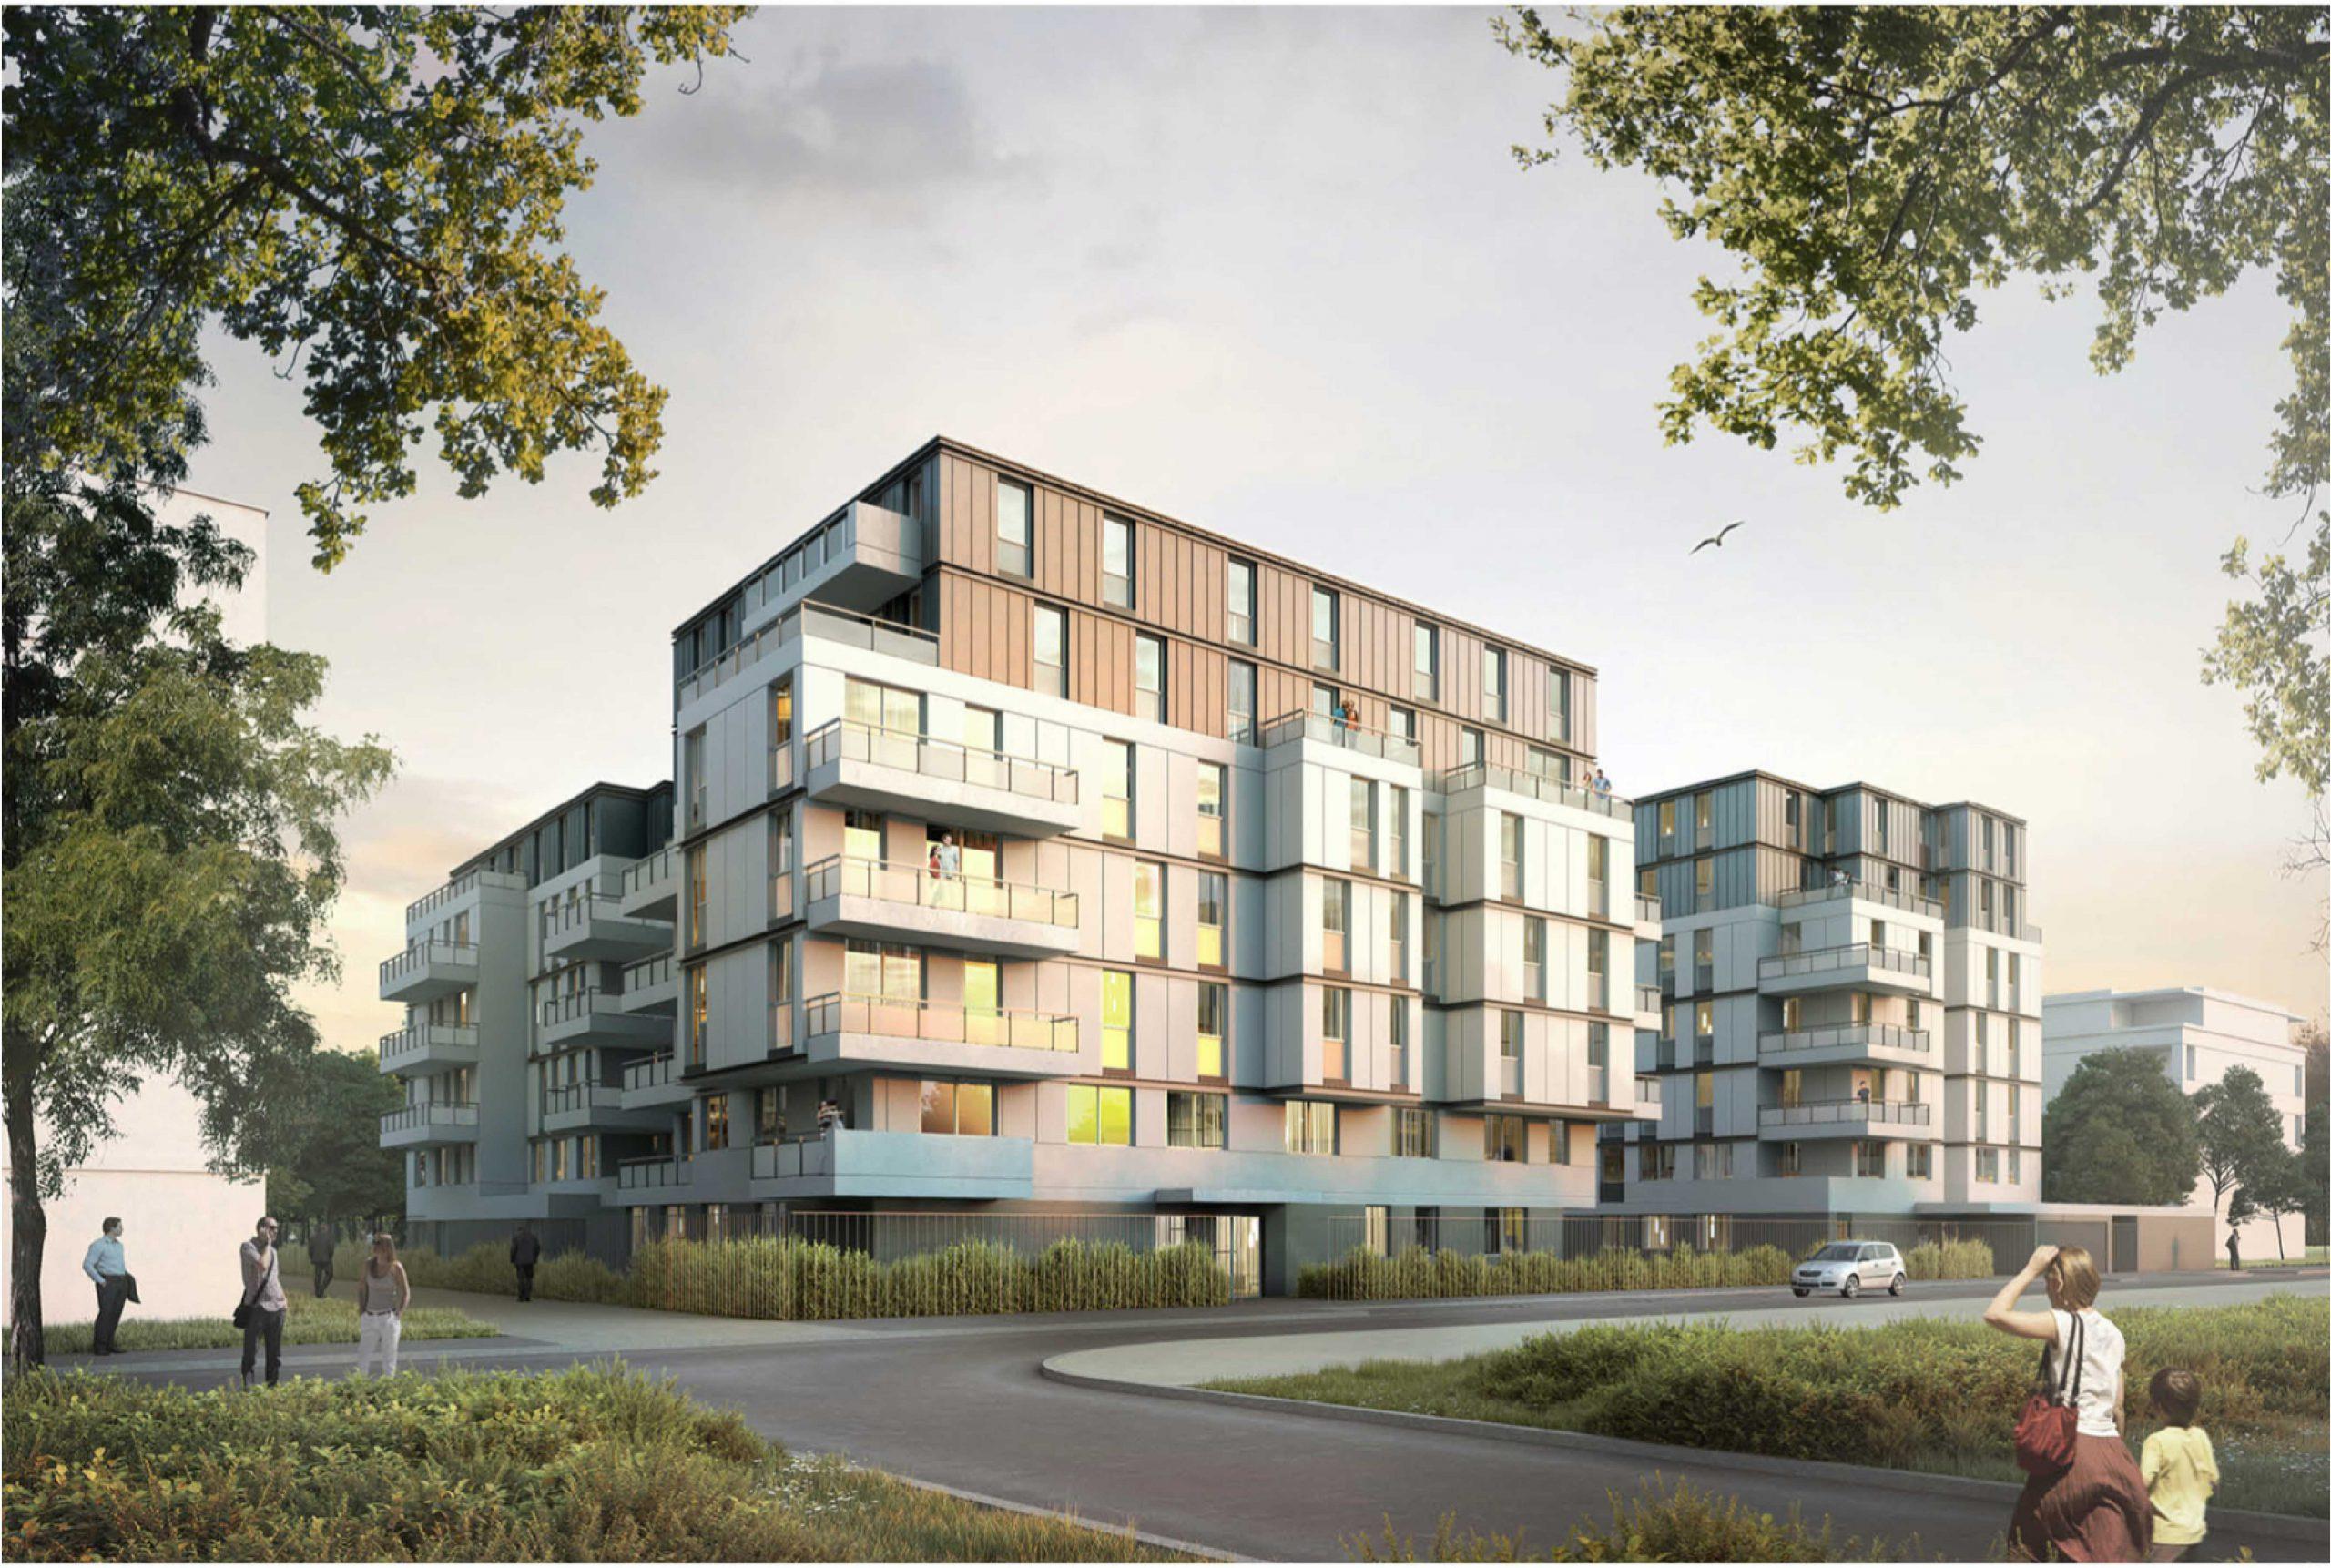 Projet logement Orly Calmette 1 par Atelier JS Tabet